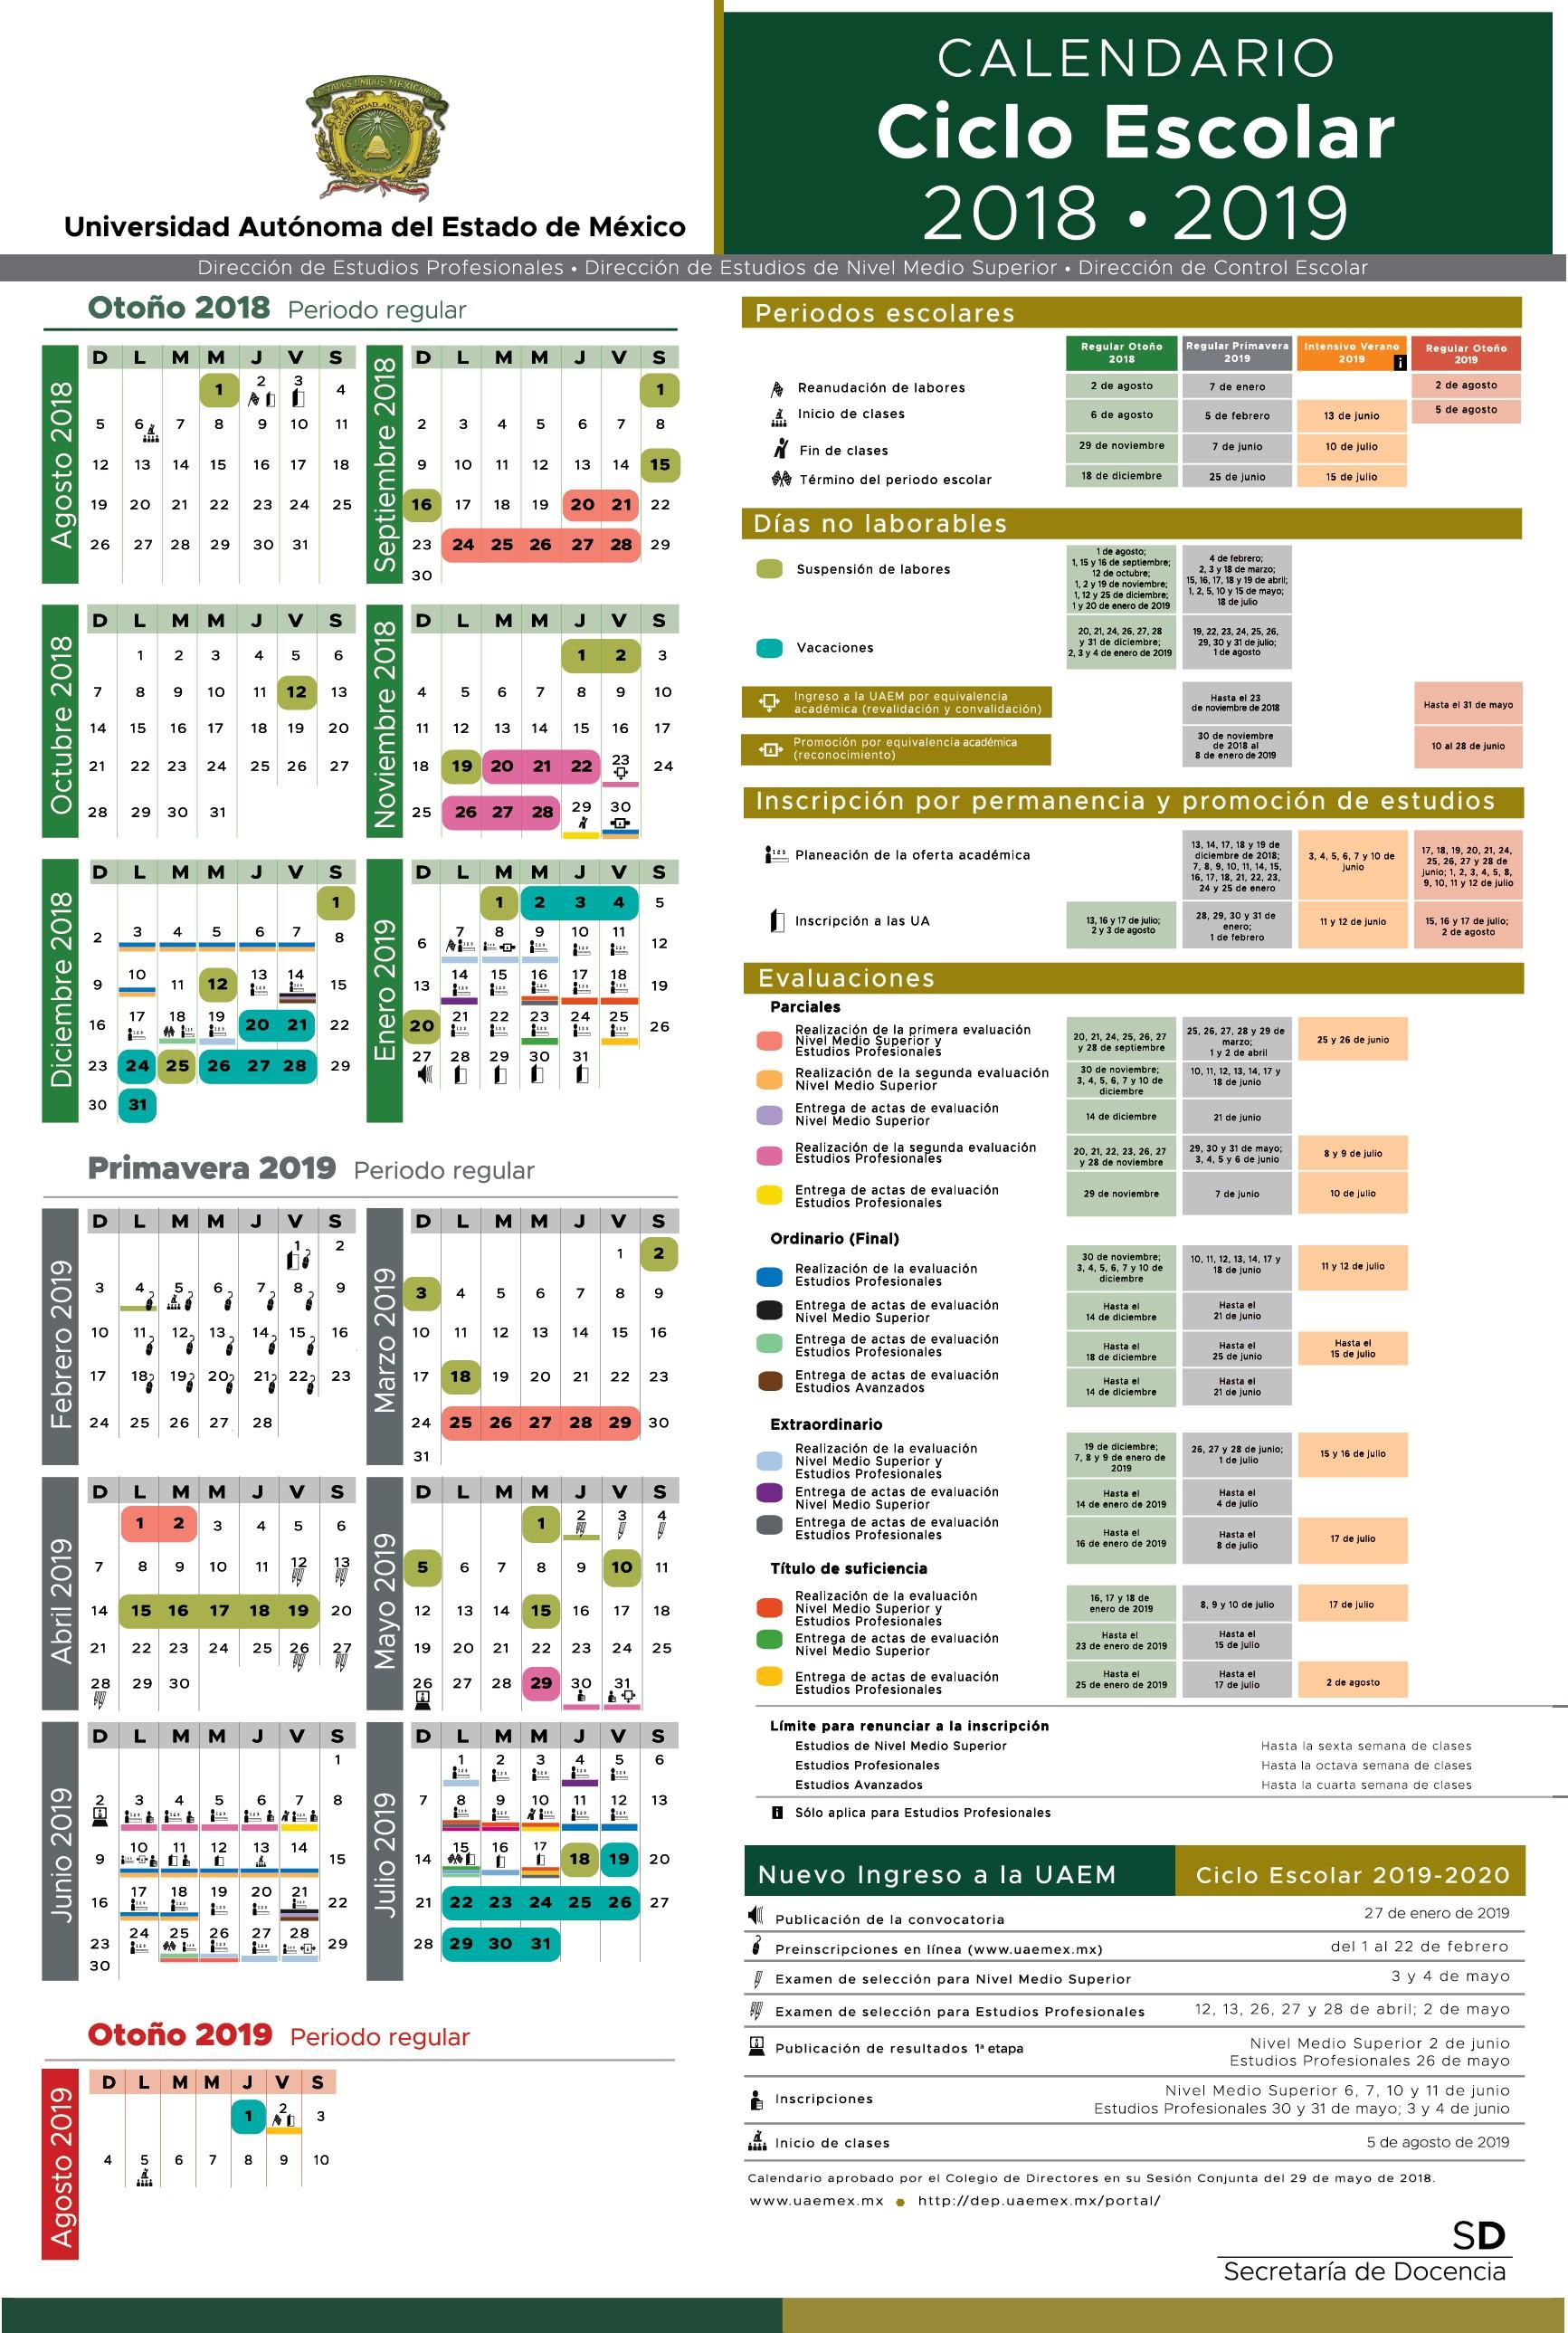 Calendario Escolar 2019 Para Imprimir Com Feriados Mejores Y Más Novedosos Calendario Of Calendario Escolar 2019 Para Imprimir Com Feriados Más Actual Calendario Escolar 2018